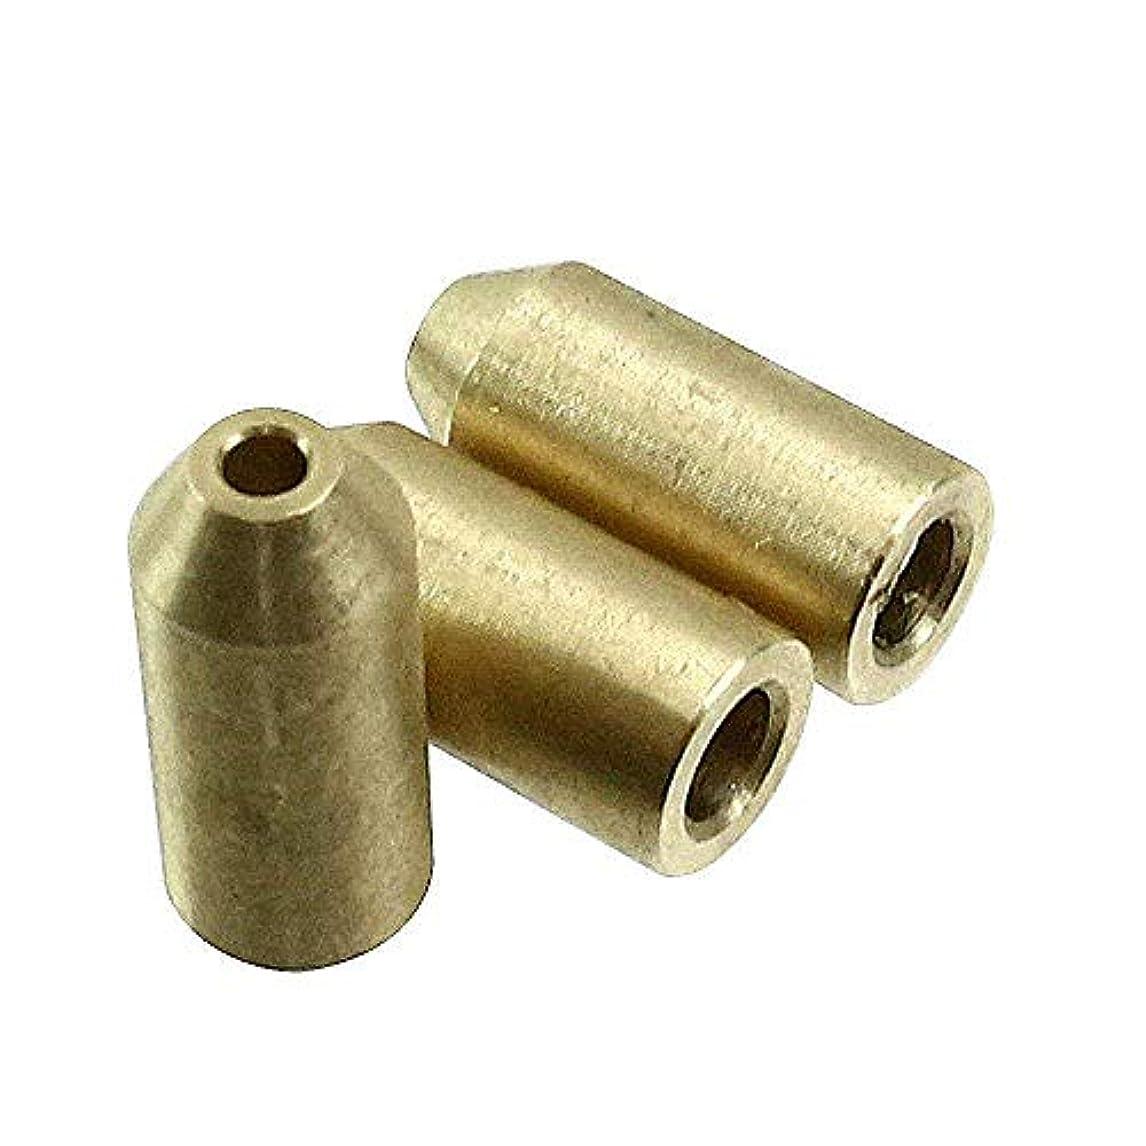 アルファベット解明する倒錯Homewineasy デュポン用 ライターガス 注入 変換アダプター 汎用 真鍮製 3個セット